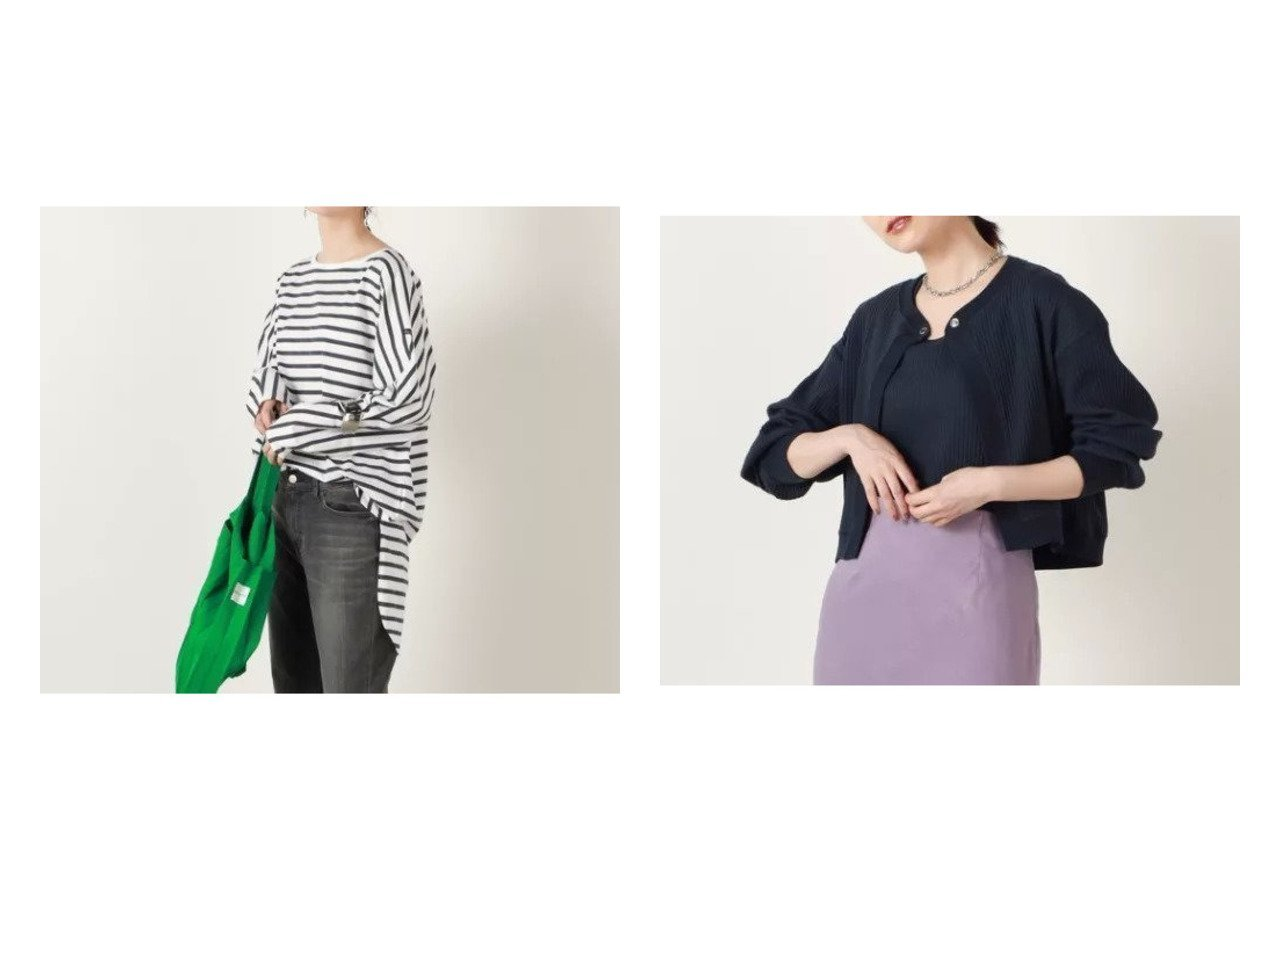 【NOLLEY'S/ノーリーズ】の【ルミノア】FEMME ROUNDY ボーダーカットソー&レイヤードカットソー 【トップス・カットソー】おすすめ!人気、トレンド・レディースファッションの通販 おすすめで人気の流行・トレンド、ファッションの通販商品 インテリア・家具・メンズファッション・キッズファッション・レディースファッション・服の通販 founy(ファニー) https://founy.com/ ファッション Fashion レディースファッション WOMEN トップス・カットソー Tops/Tshirt シャツ/ブラウス Shirts/Blouses ロング / Tシャツ T-Shirts カットソー Cut and Sewn 2021年 2021 2021-2022秋冬・A/W AW・Autumn/Winter・FW・Fall-Winter・2021-2022 A/W・秋冬 AW・Autumn/Winter・FW・Fall-Winter カットソー フランス フロント ベーシック ボーダー 長袖 |ID:crp329100000062712